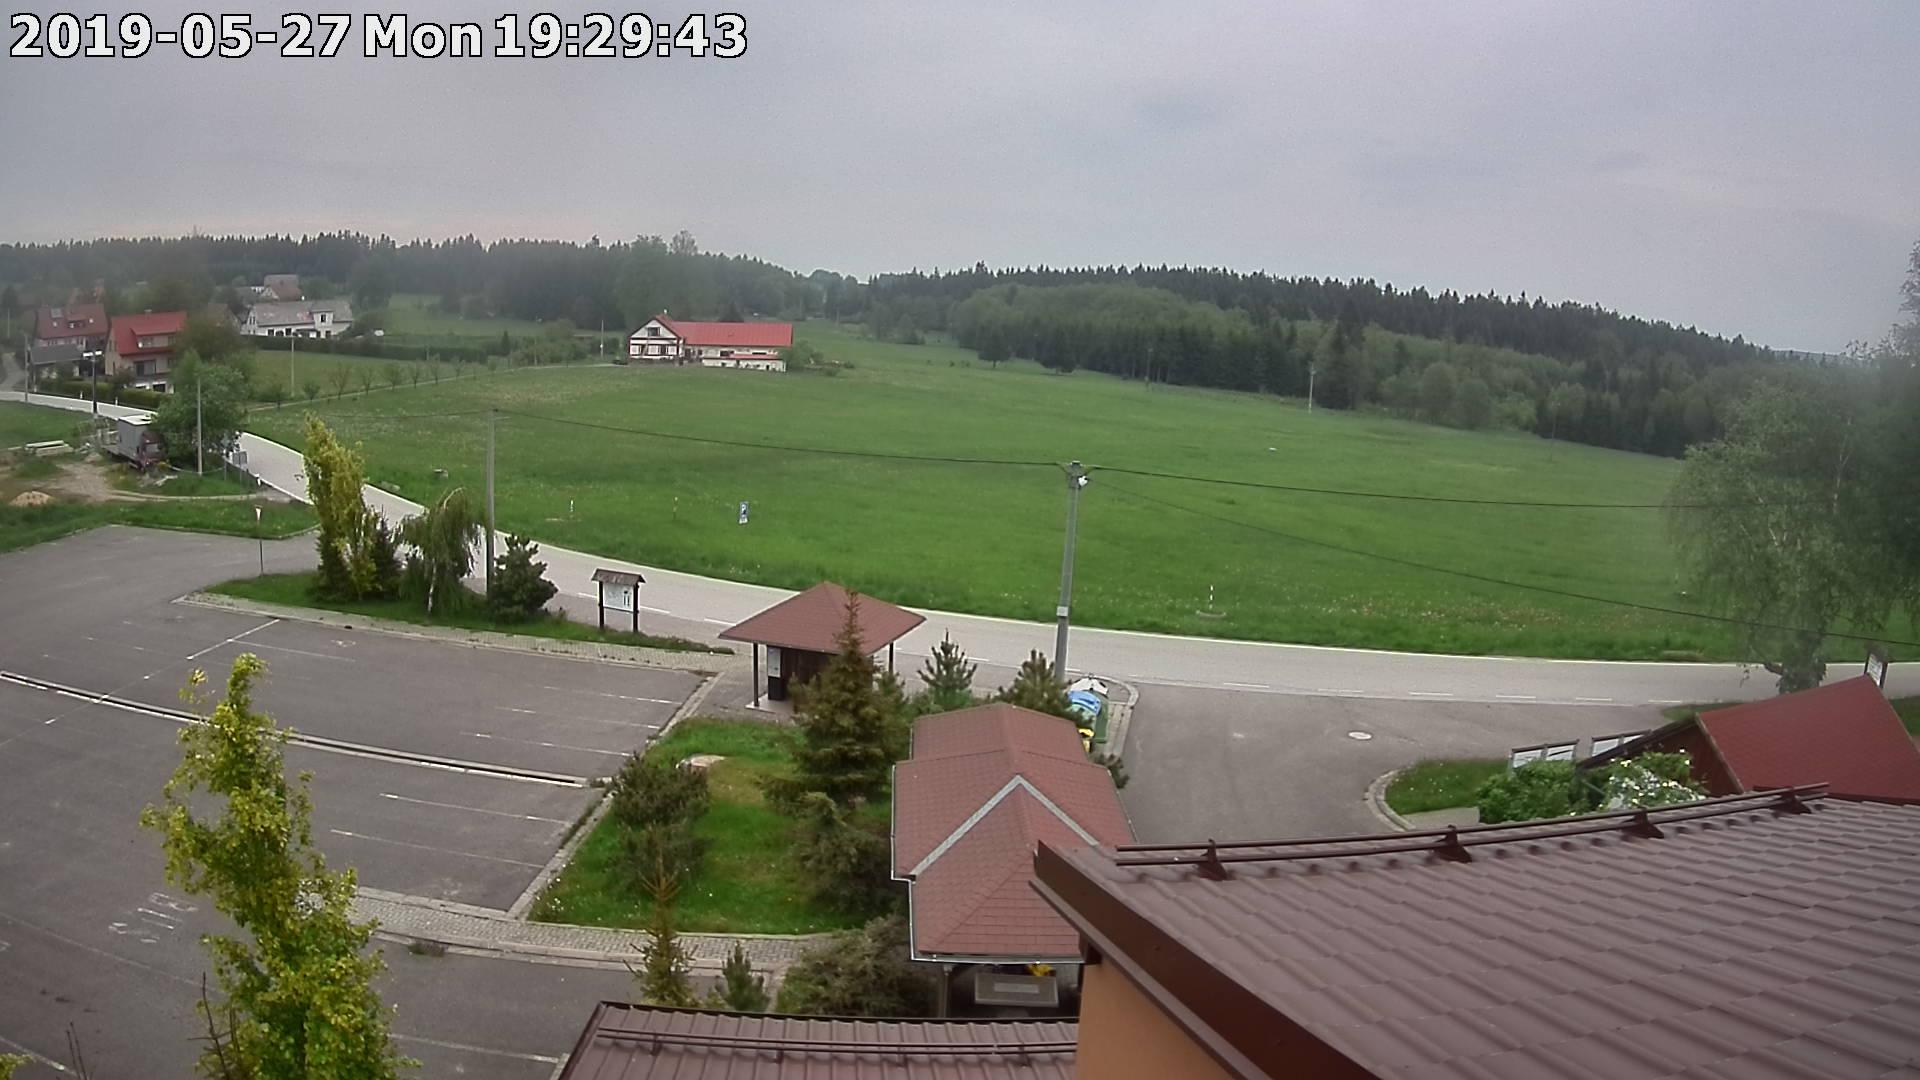 Webkamera ze dne 2019-05-27